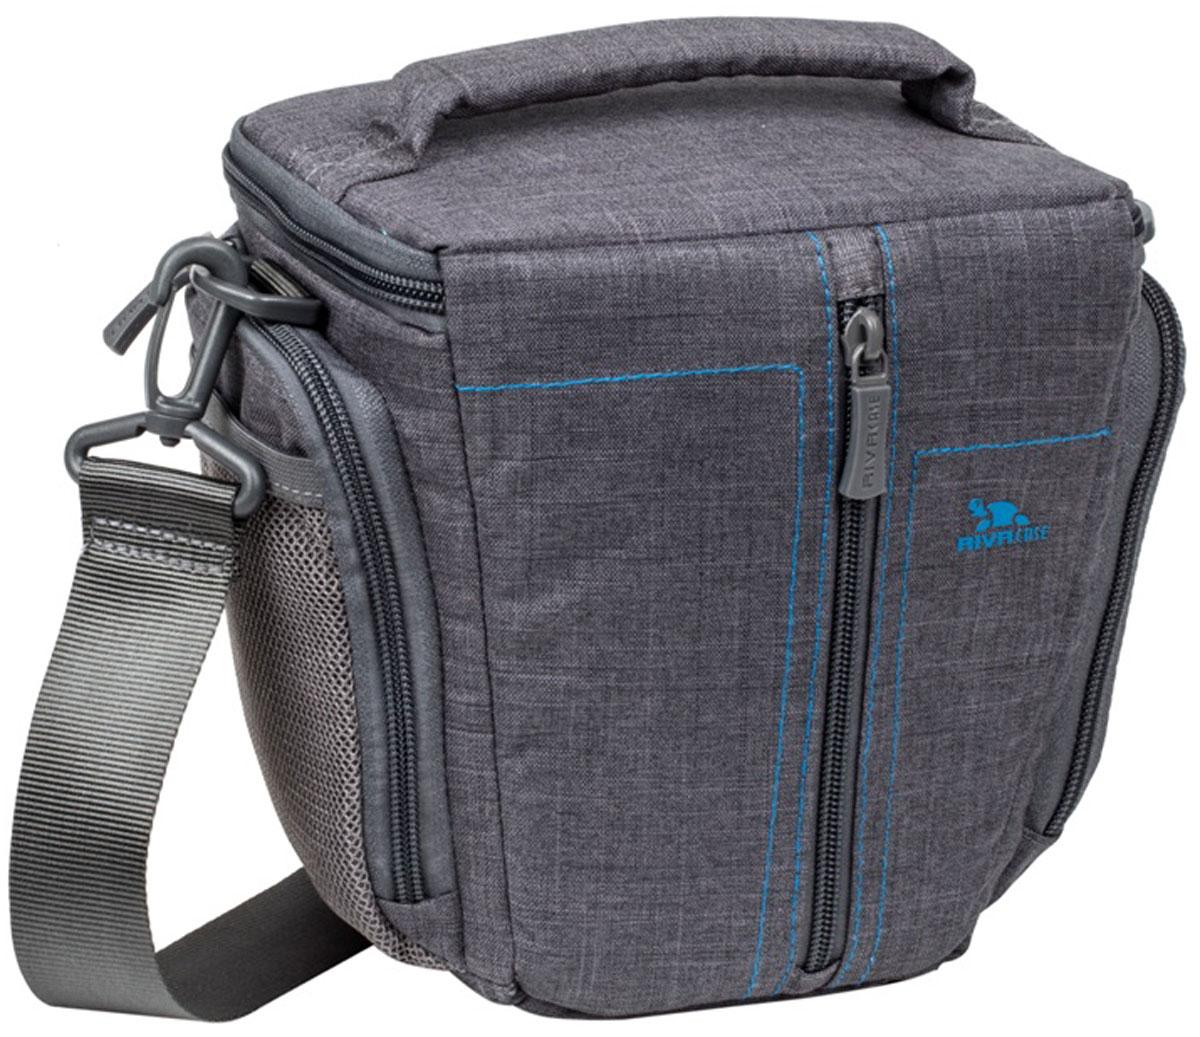 Riva 7501 SLR Canvas Case, Grey сумка для зеркальной фотокамеры6580Стильная сумка с контрастной синей подкладкой и чехлом от дождя Riva 7501 SLR Canvas Case для зеркальной фотокамеры с установленным объективом из высококачественной, водоотталкивающей ткани имеет верхний откидной клапан, который закрывается на молнию и обеспечивает быстрый доступ к фотокамере. Передний внешний карман на молнии служит для хранения аксессуаров, как и два внешних боковых кармана на молнии и дополнительный карман на задней стенке. Для переноски предусмотрены регулируемый наплечный ремень с мягкой накладкой и удобная ручка.